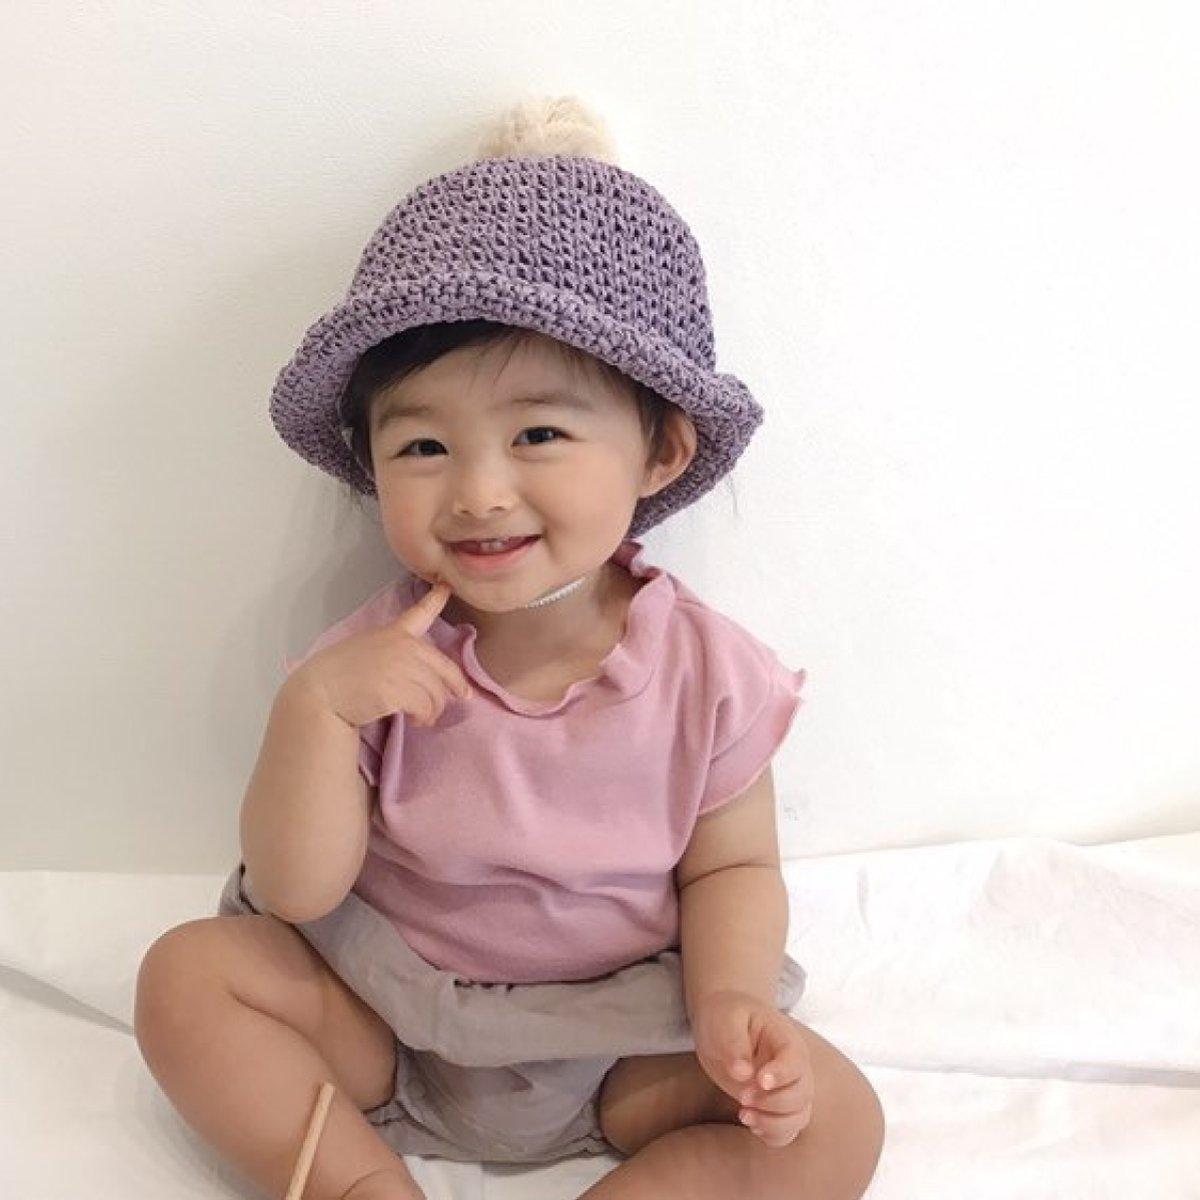 【BABY】Pon Coron Hat 詳細画像11